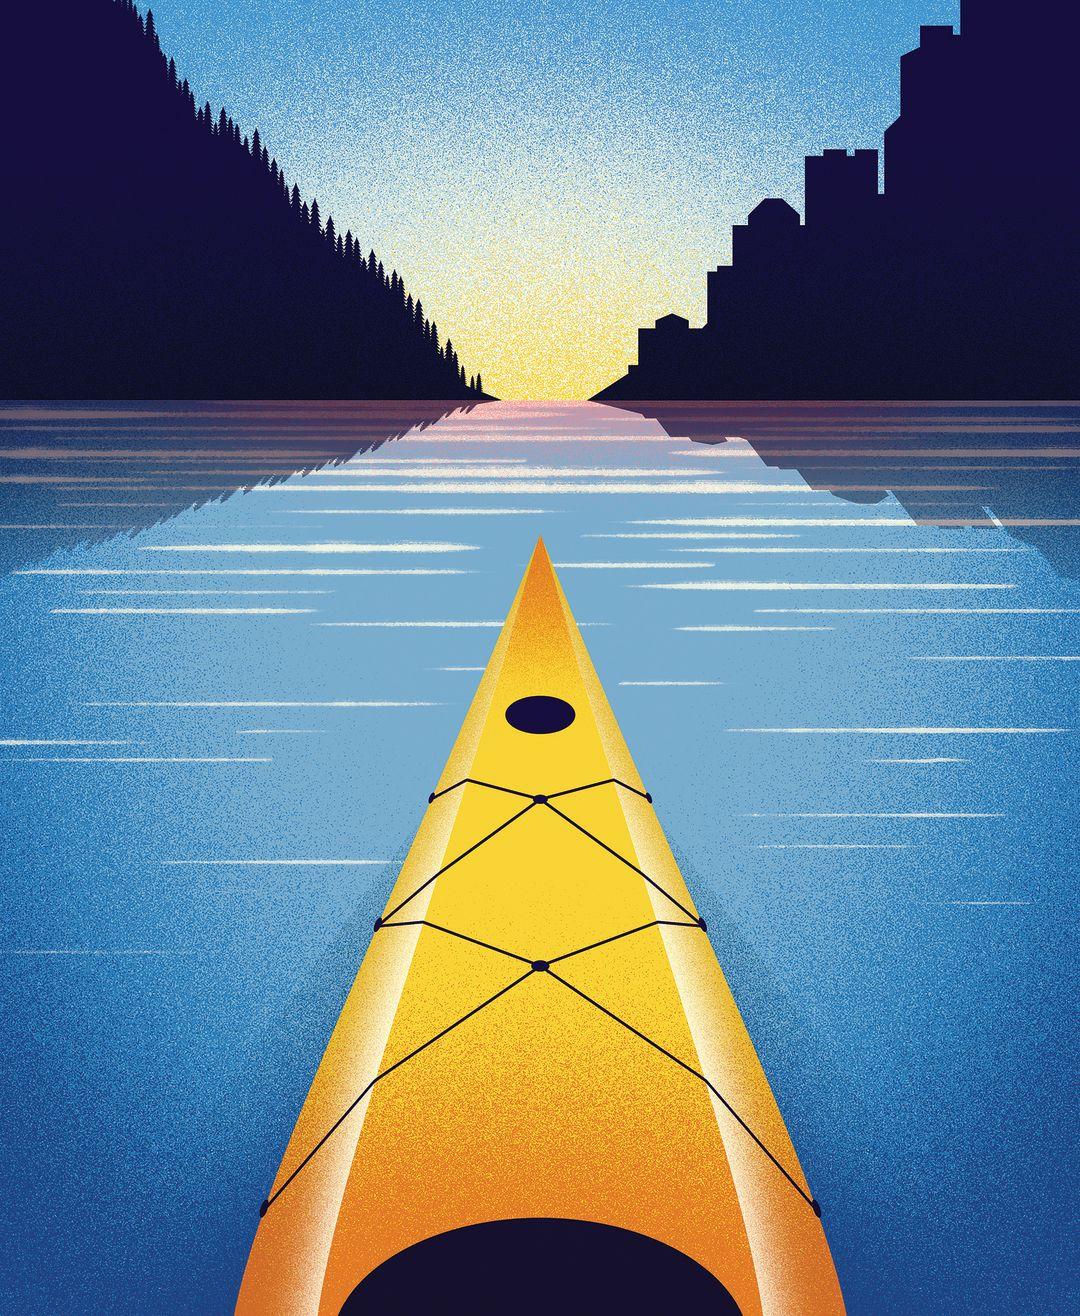 Pomo 0616 essay kayak illustration bwtxrg